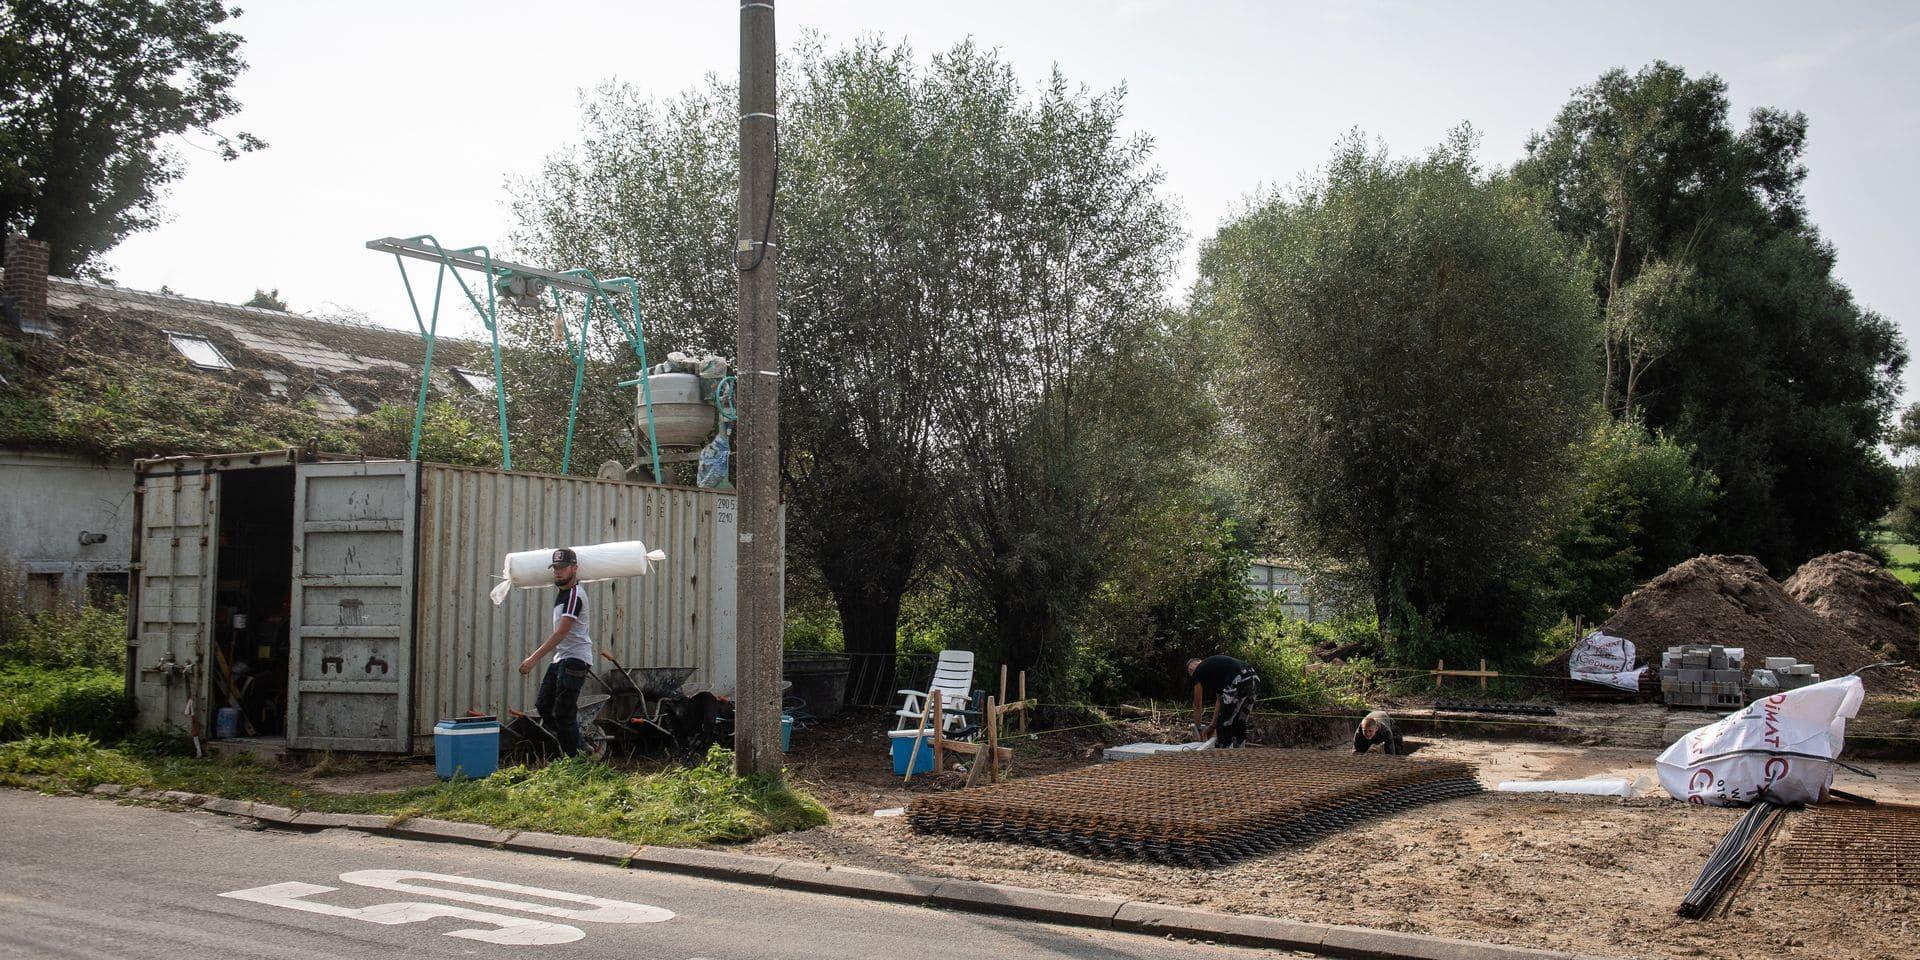 Grez-Doiceau: rue du Stampia - chantier en cours dont le container a été posé sans autorisation prealable sur la parcelle du voisin